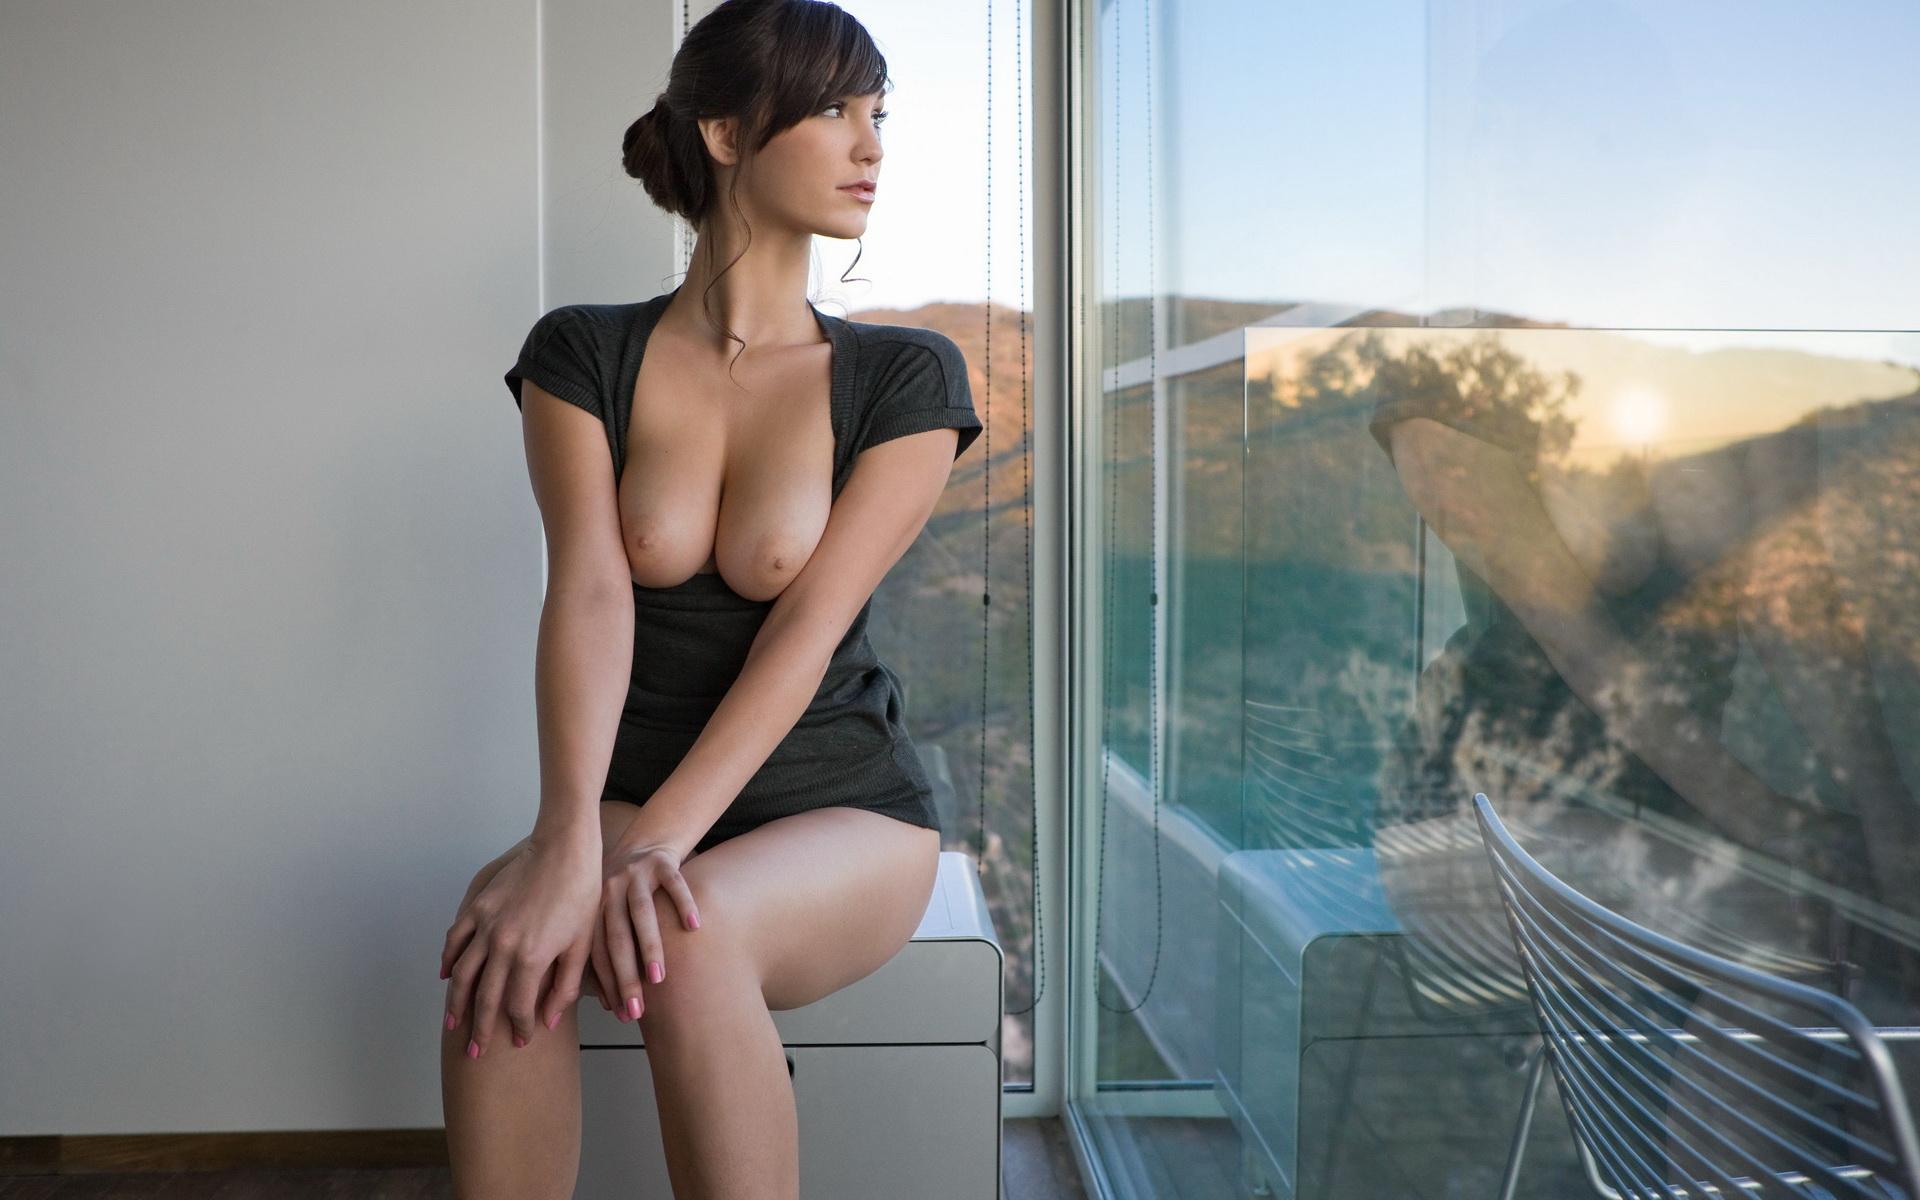 секса снятое фото обнаженной девушки у окна должен